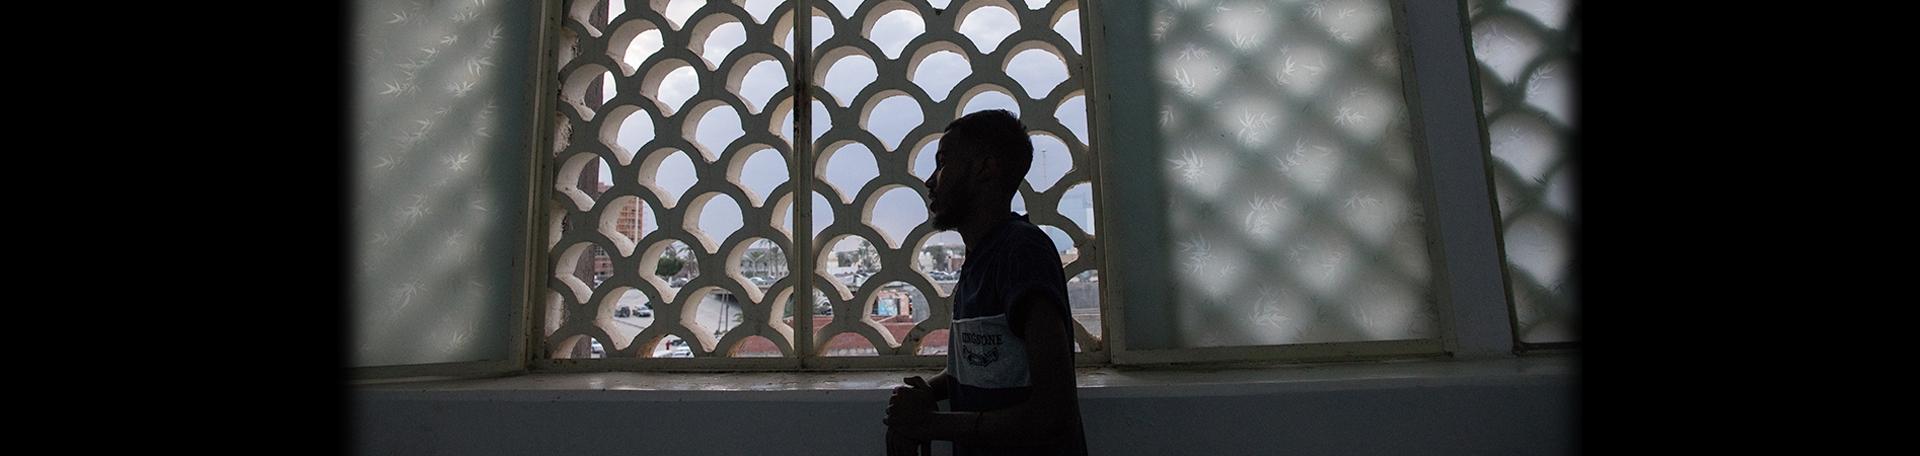 분쟁에 갇혀버린 리비아 난민